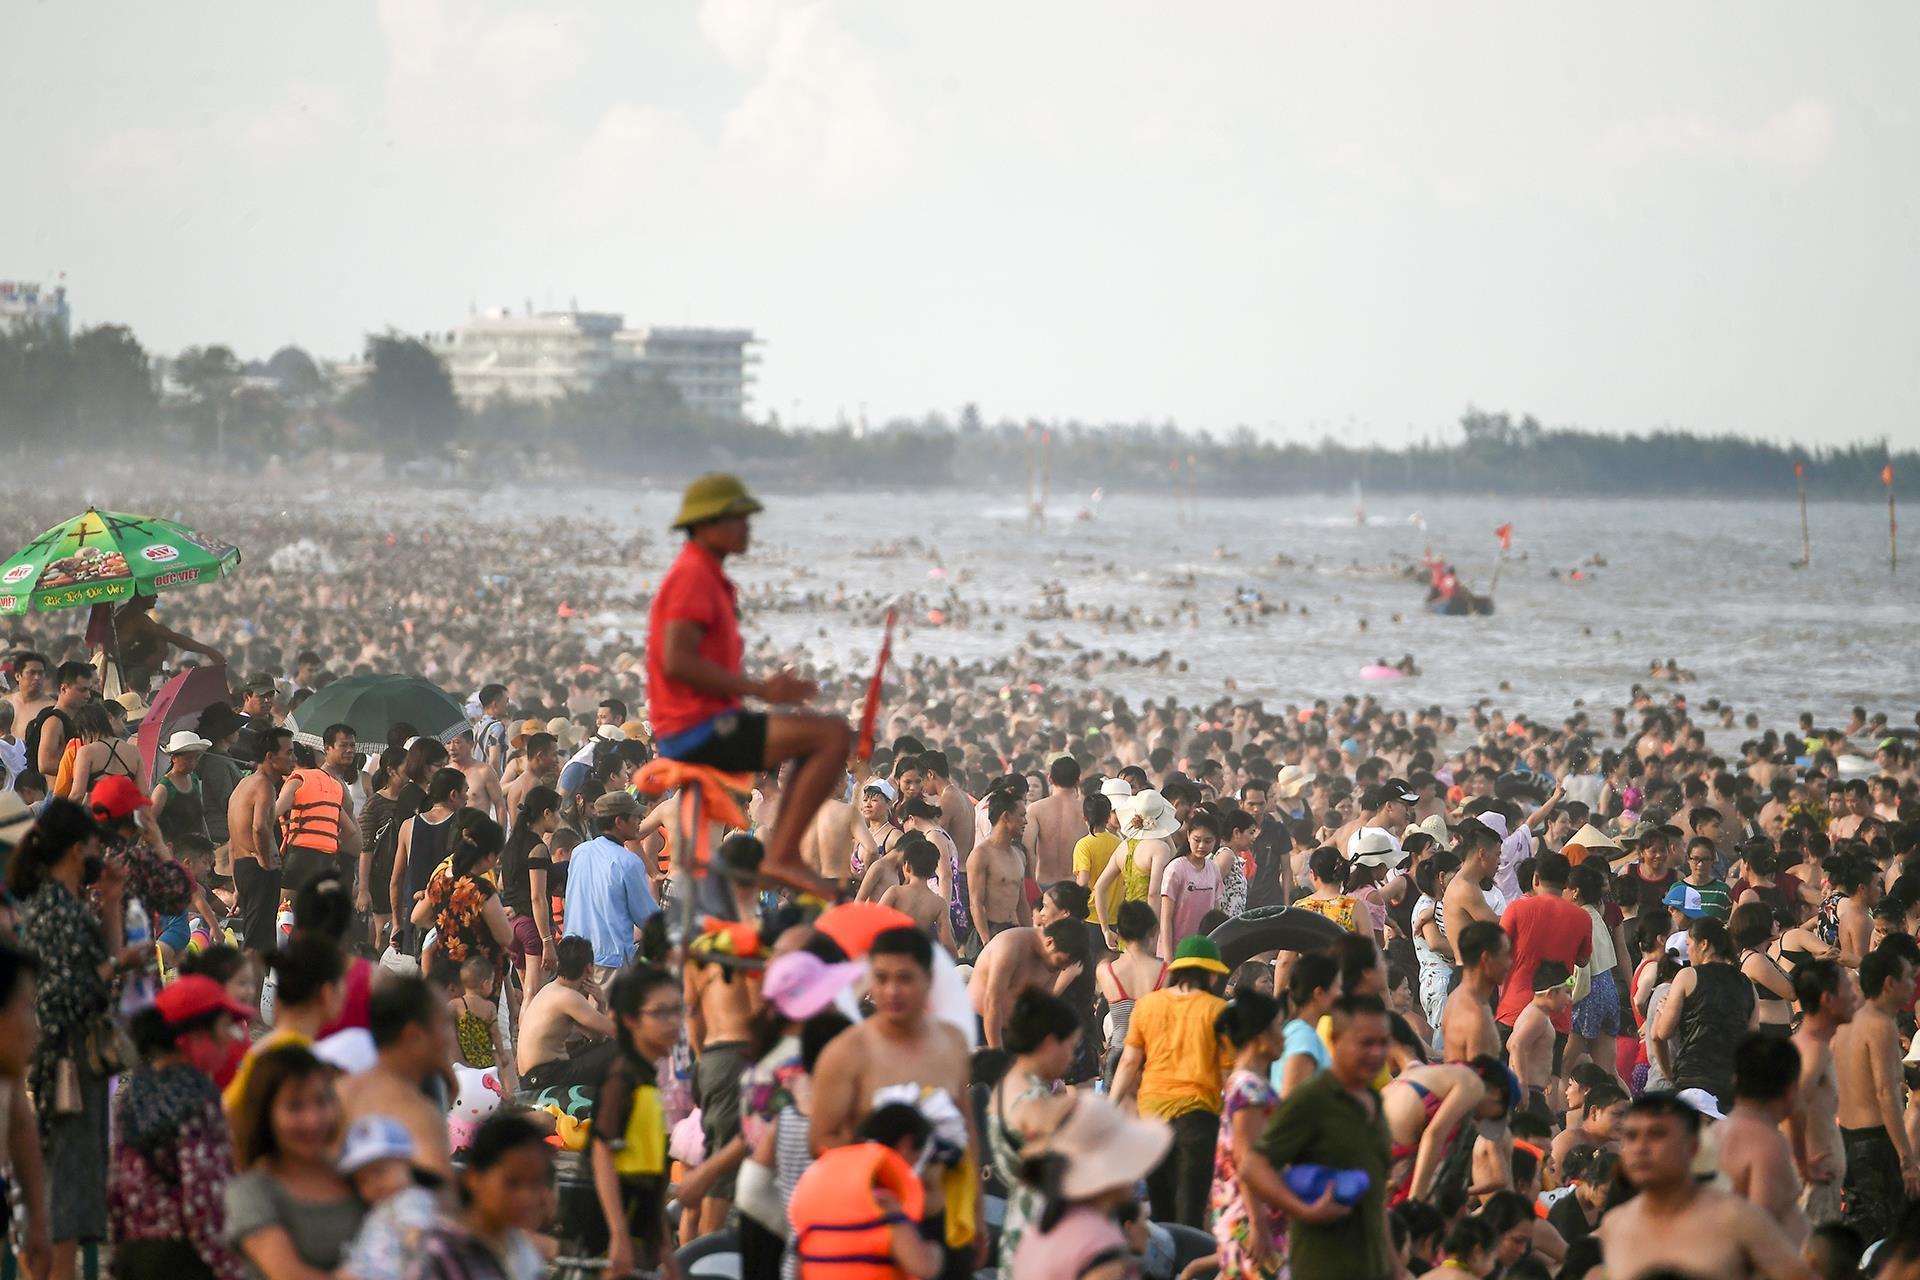 Hàng trăm nghìn người nhảy sóng ở bãi biển nước đục ngầu Ảnh 5